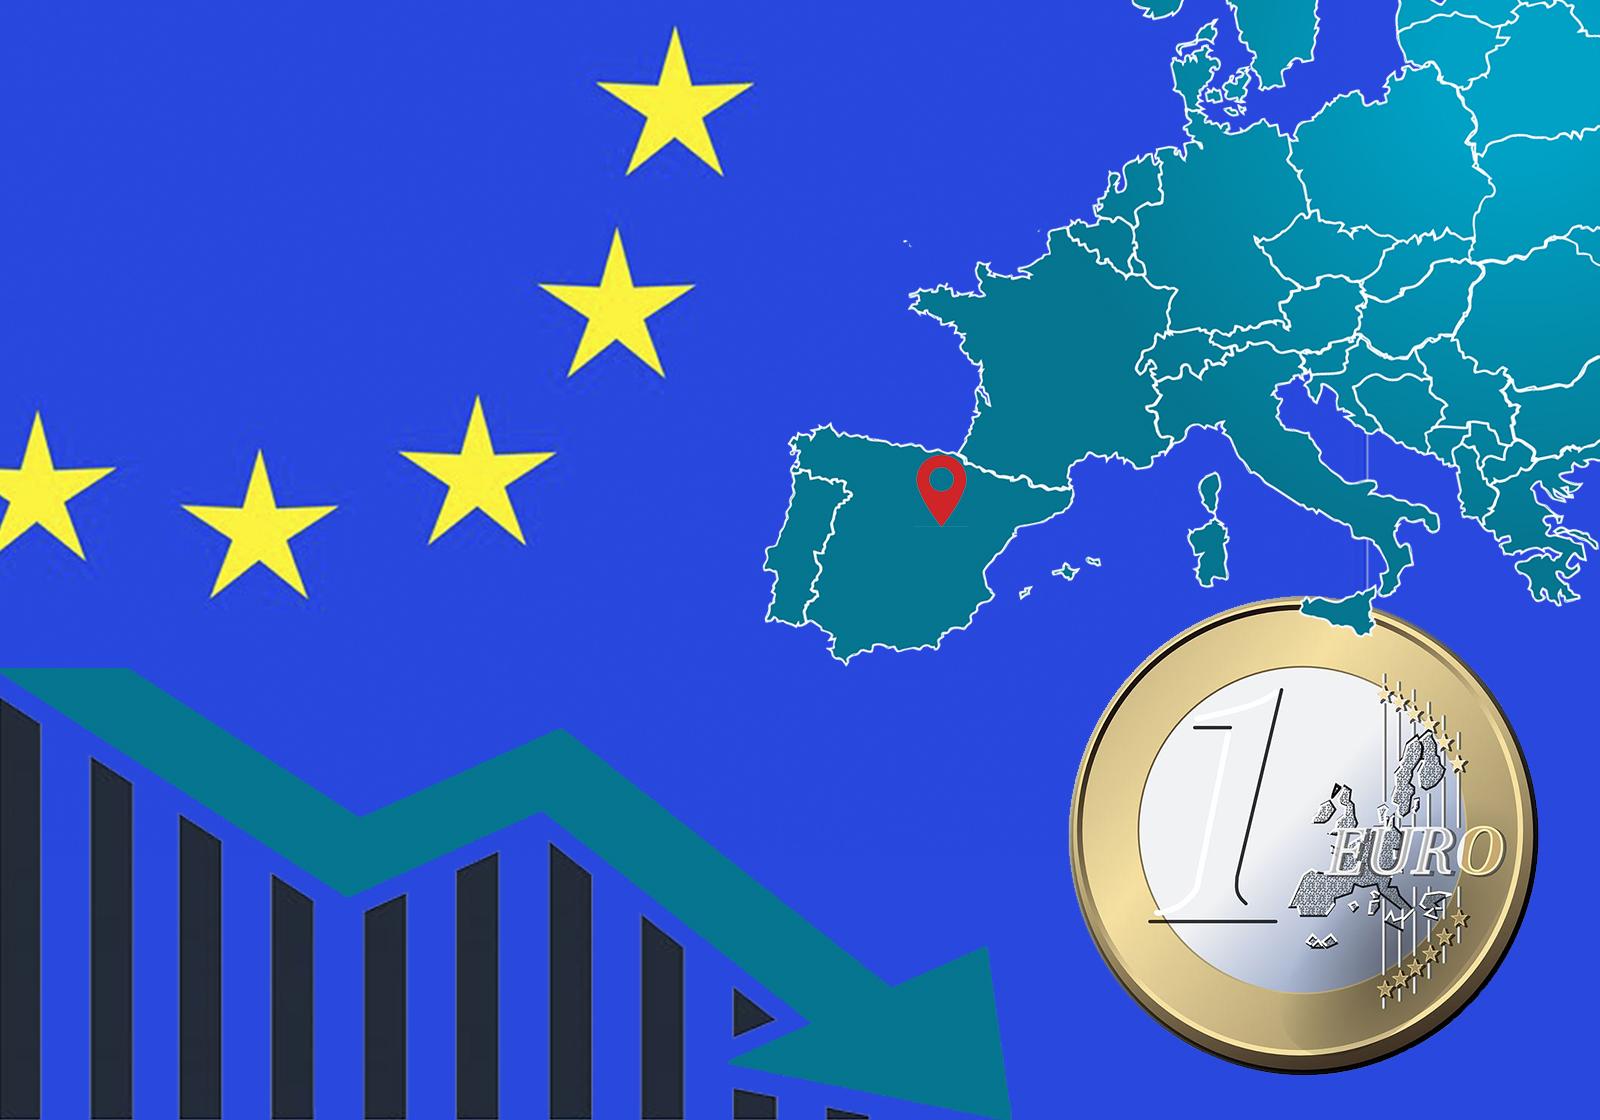 La UE permite a las empresas de Soria obtener una discriminación fiscal positiva equivalente a un 20% de los costes laborales